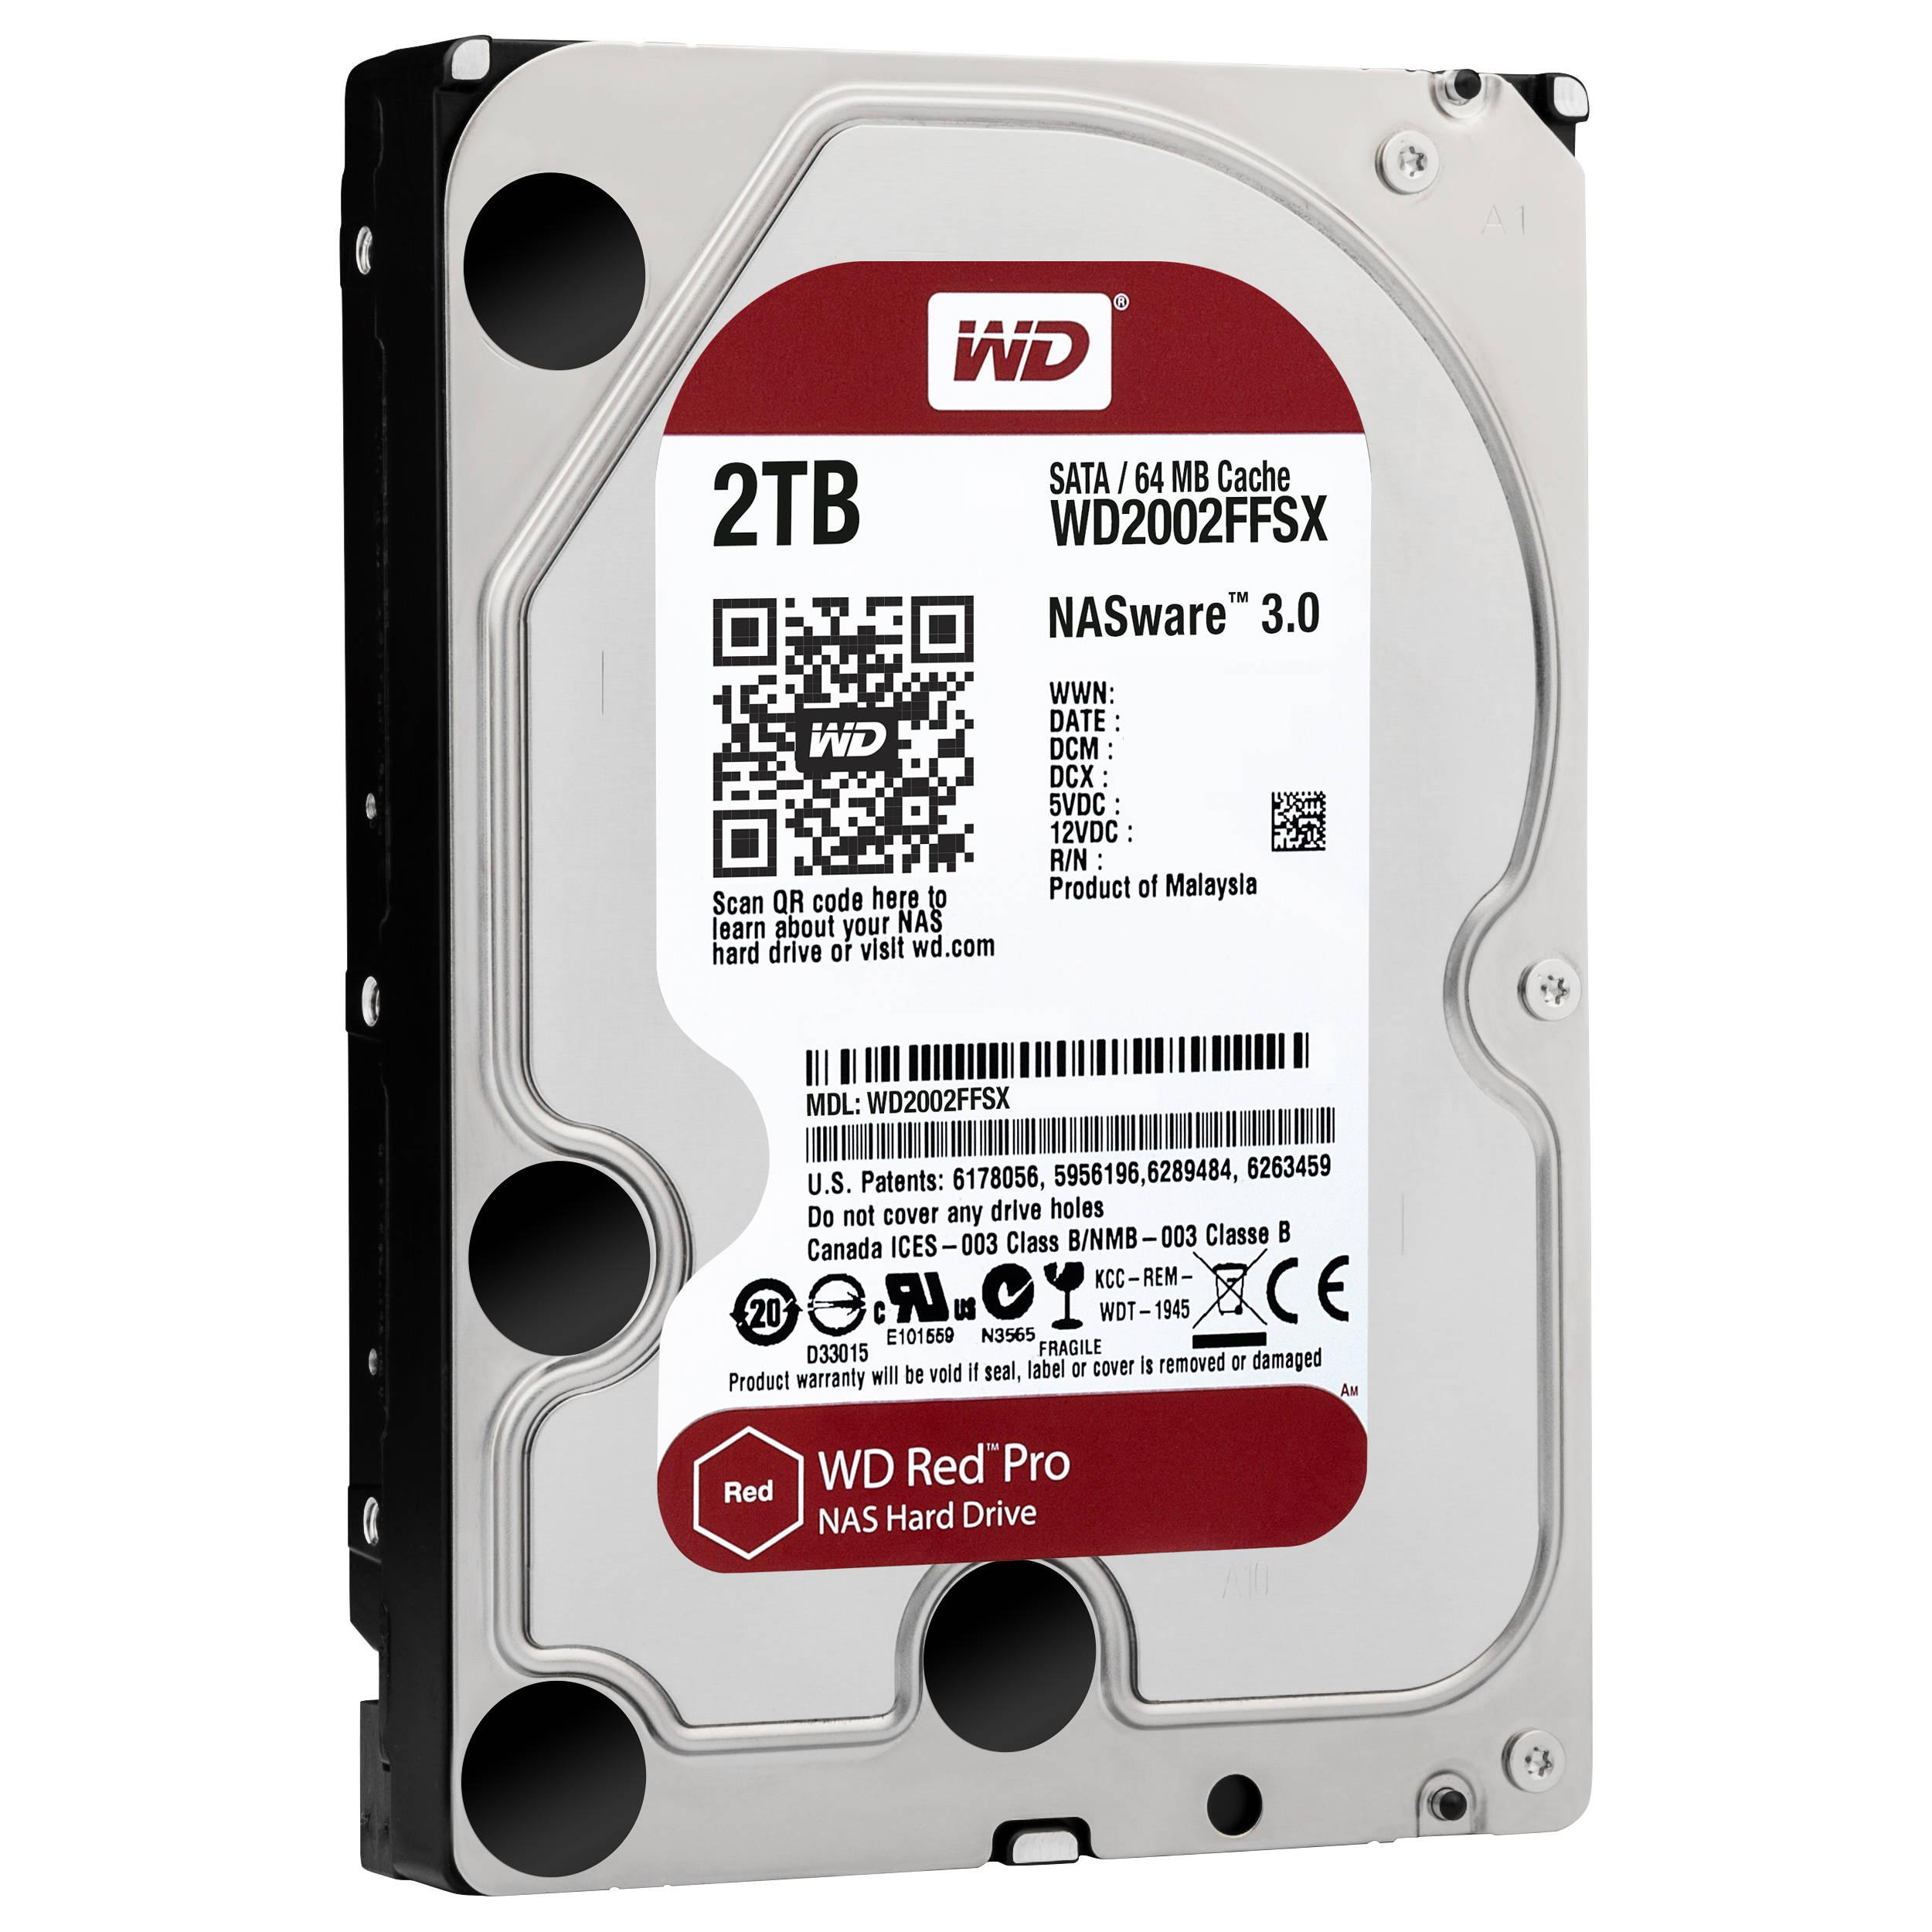 WD 2TB Red Pro 7200 rpm SATA III 3 5